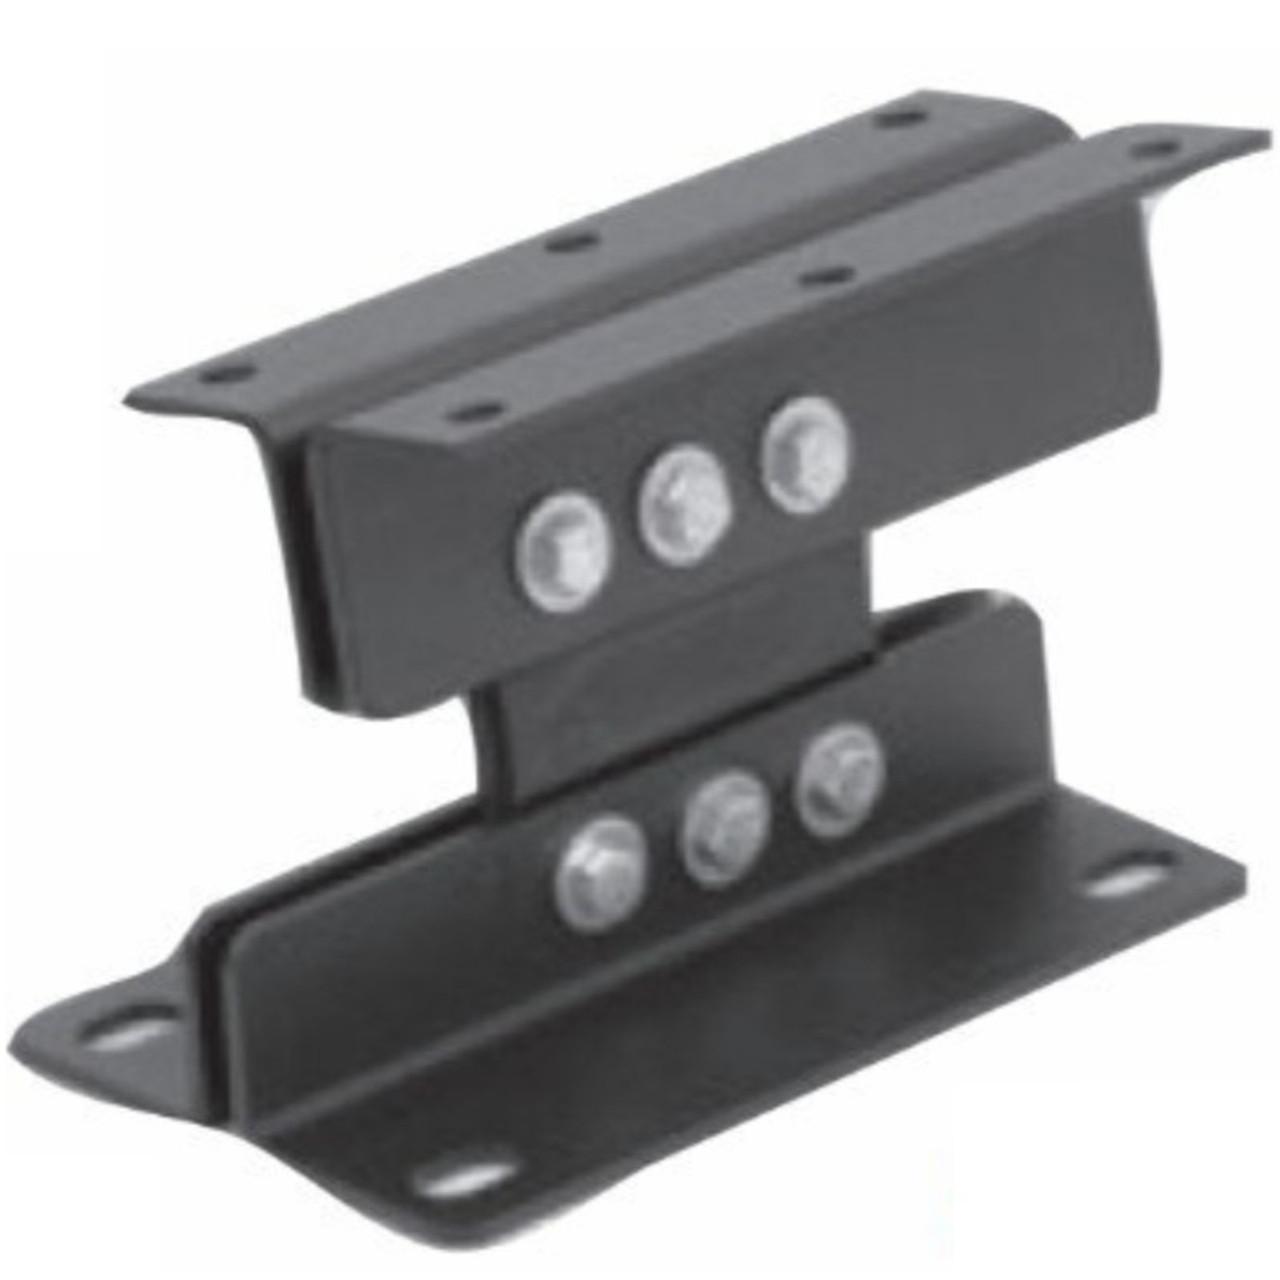 Kvz du Silencieux-Kit de montage fourni EPDM 9693.0045-5 pour NISSAN 9693.0045-5